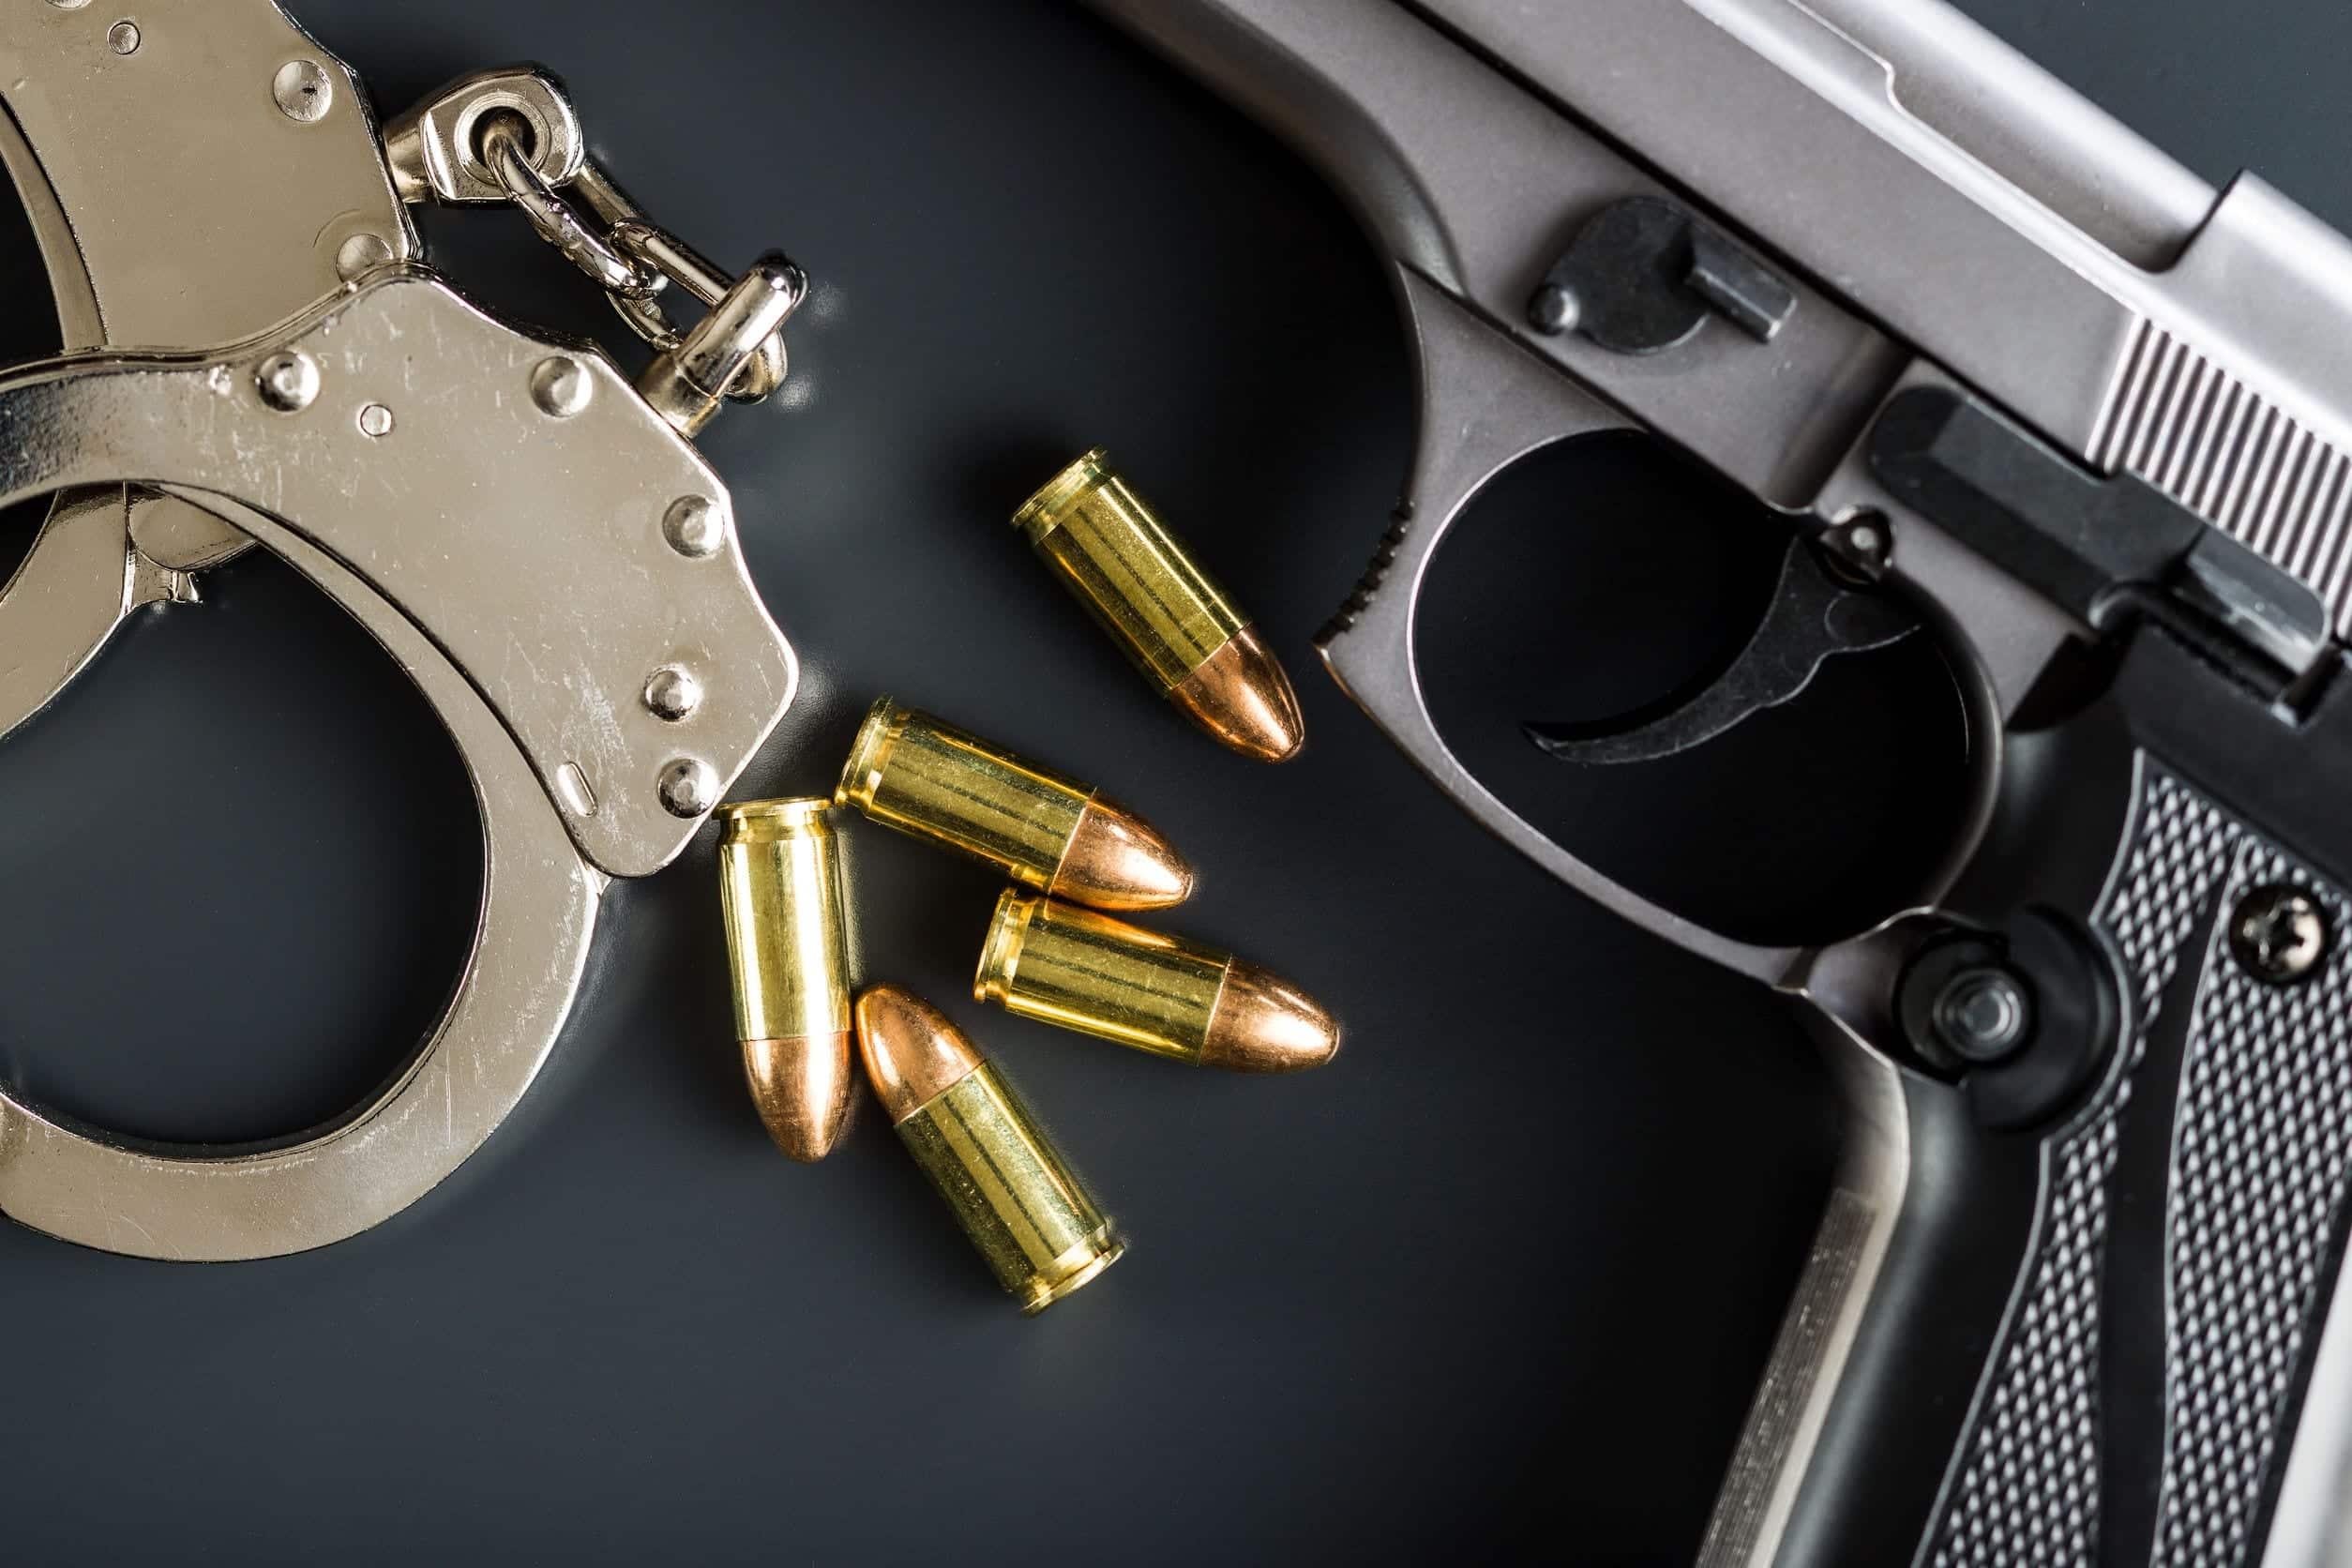 Chicago Gun Crimes